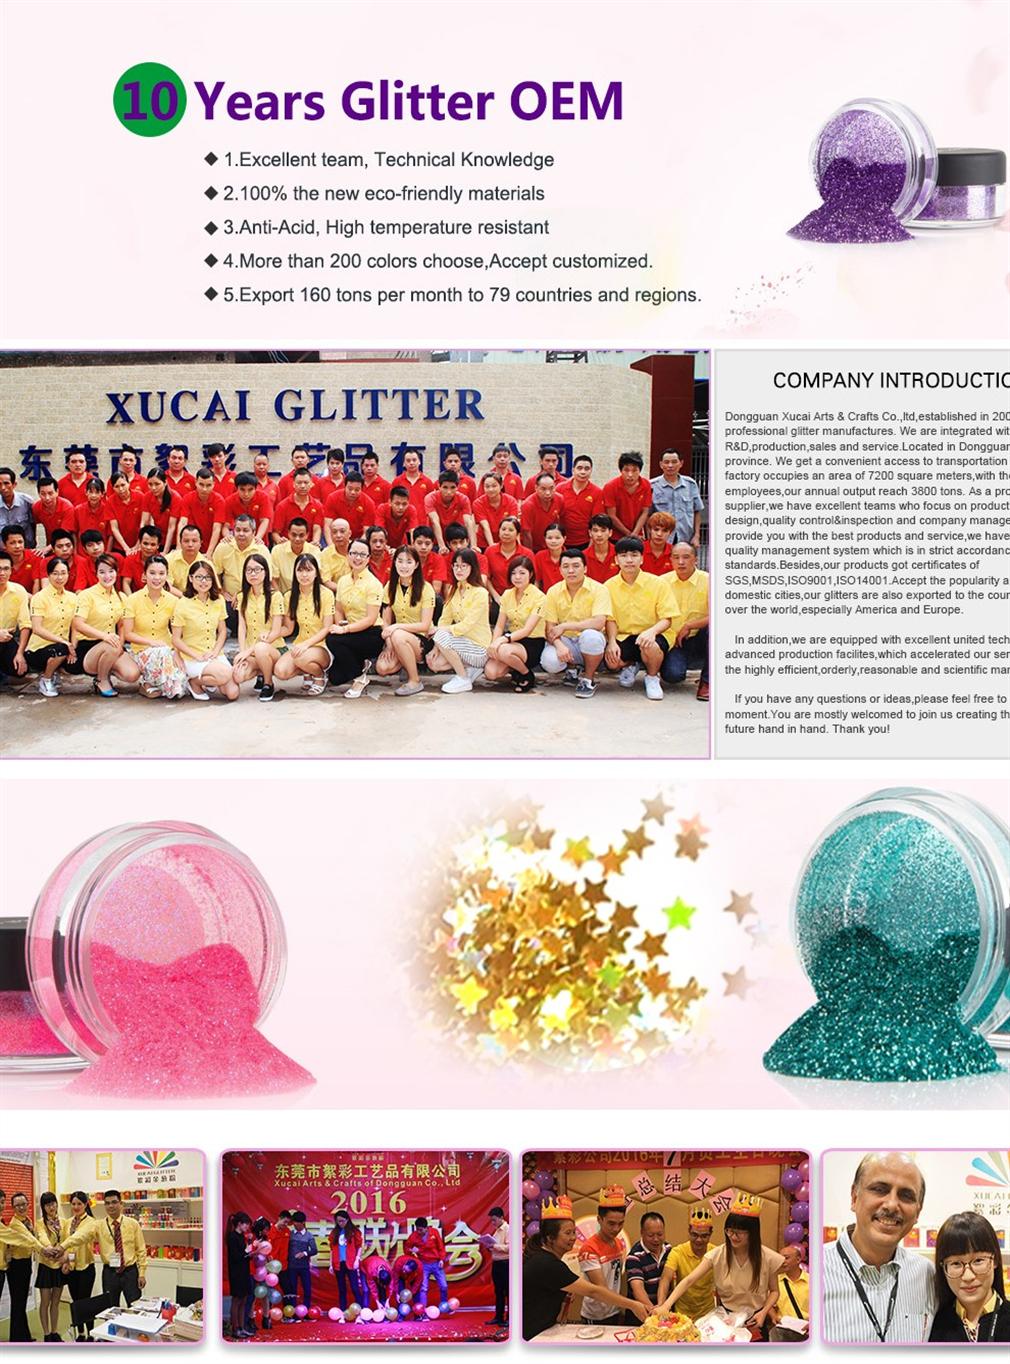 Produttore diretto di regali di massa mestiere perla arcobaleno fluorescente blue glitter di natale e la decorazione del partito neon glitter